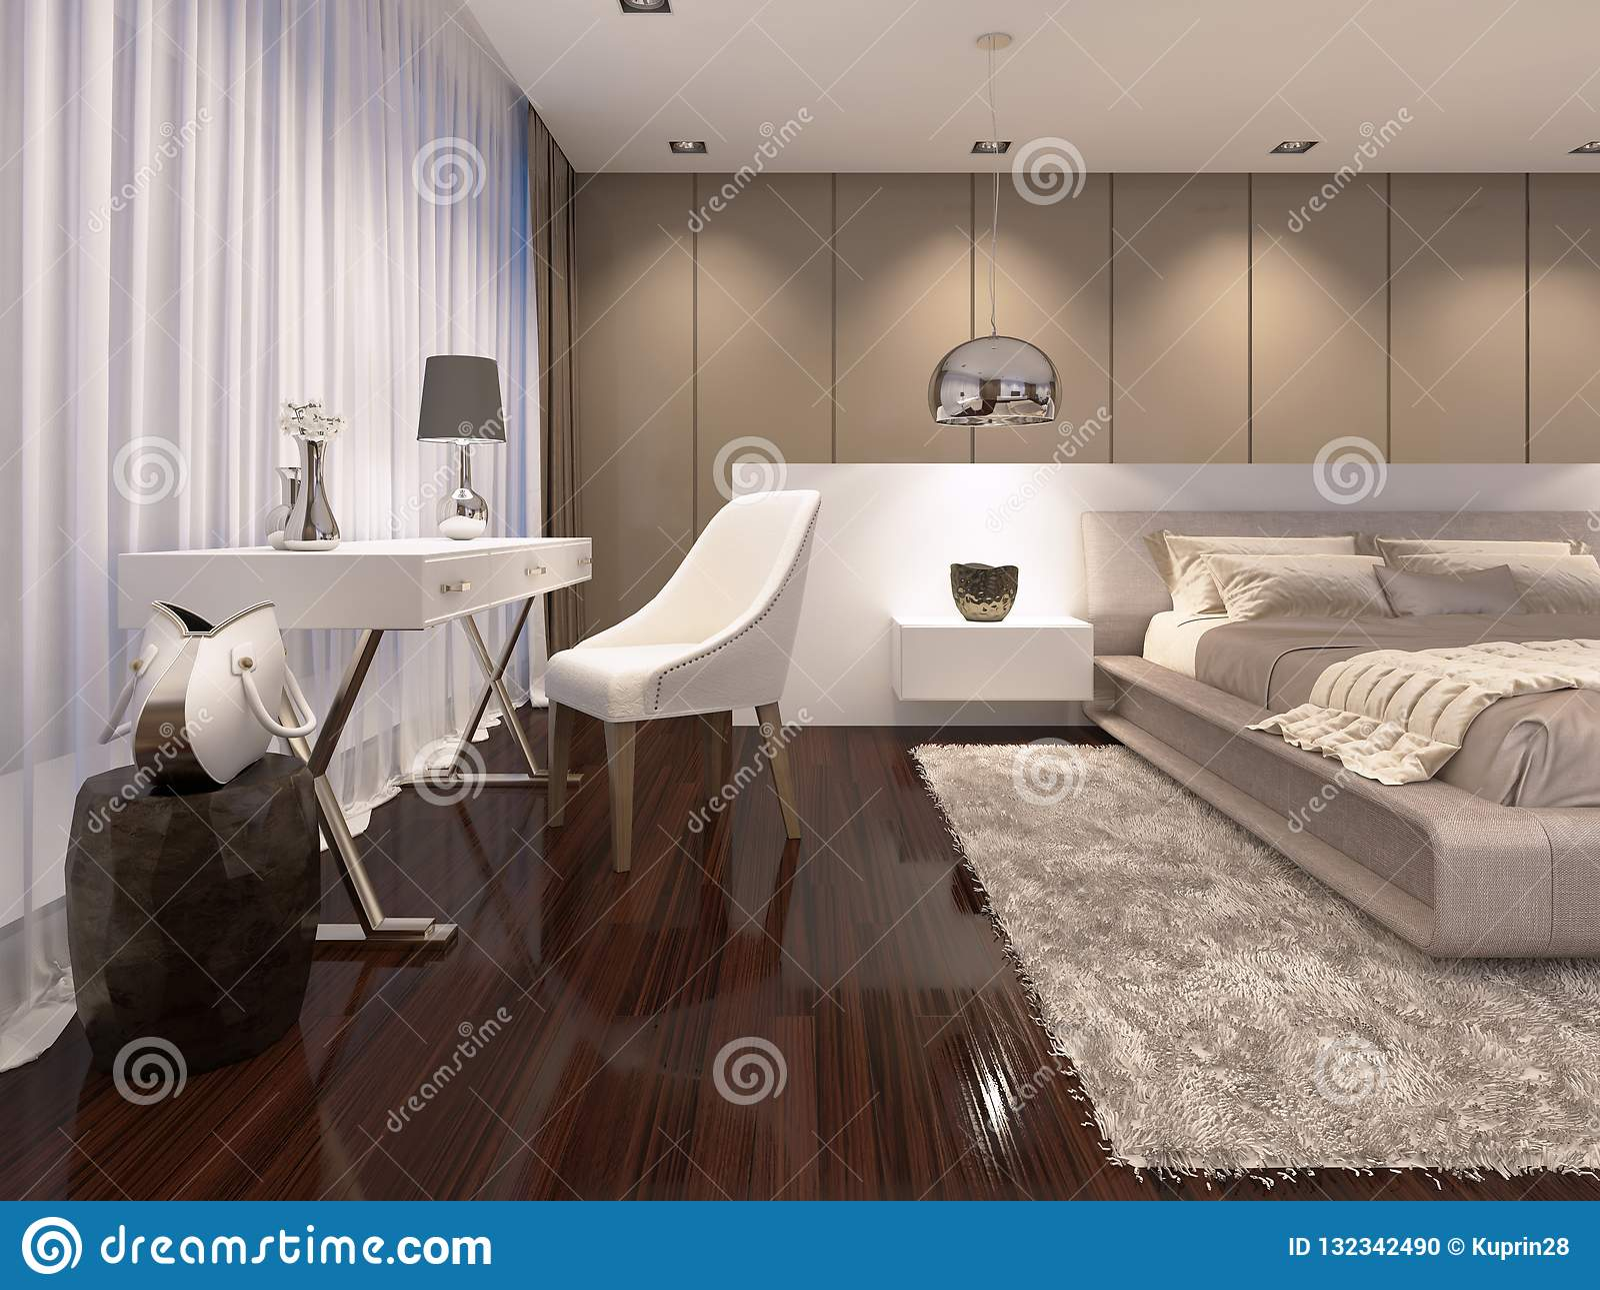 Coiffeuse Avec Un Miroir De Couleur Blanche Dans Lu0027art Déco De Style De  Chambre à Coucher Rendu 3d